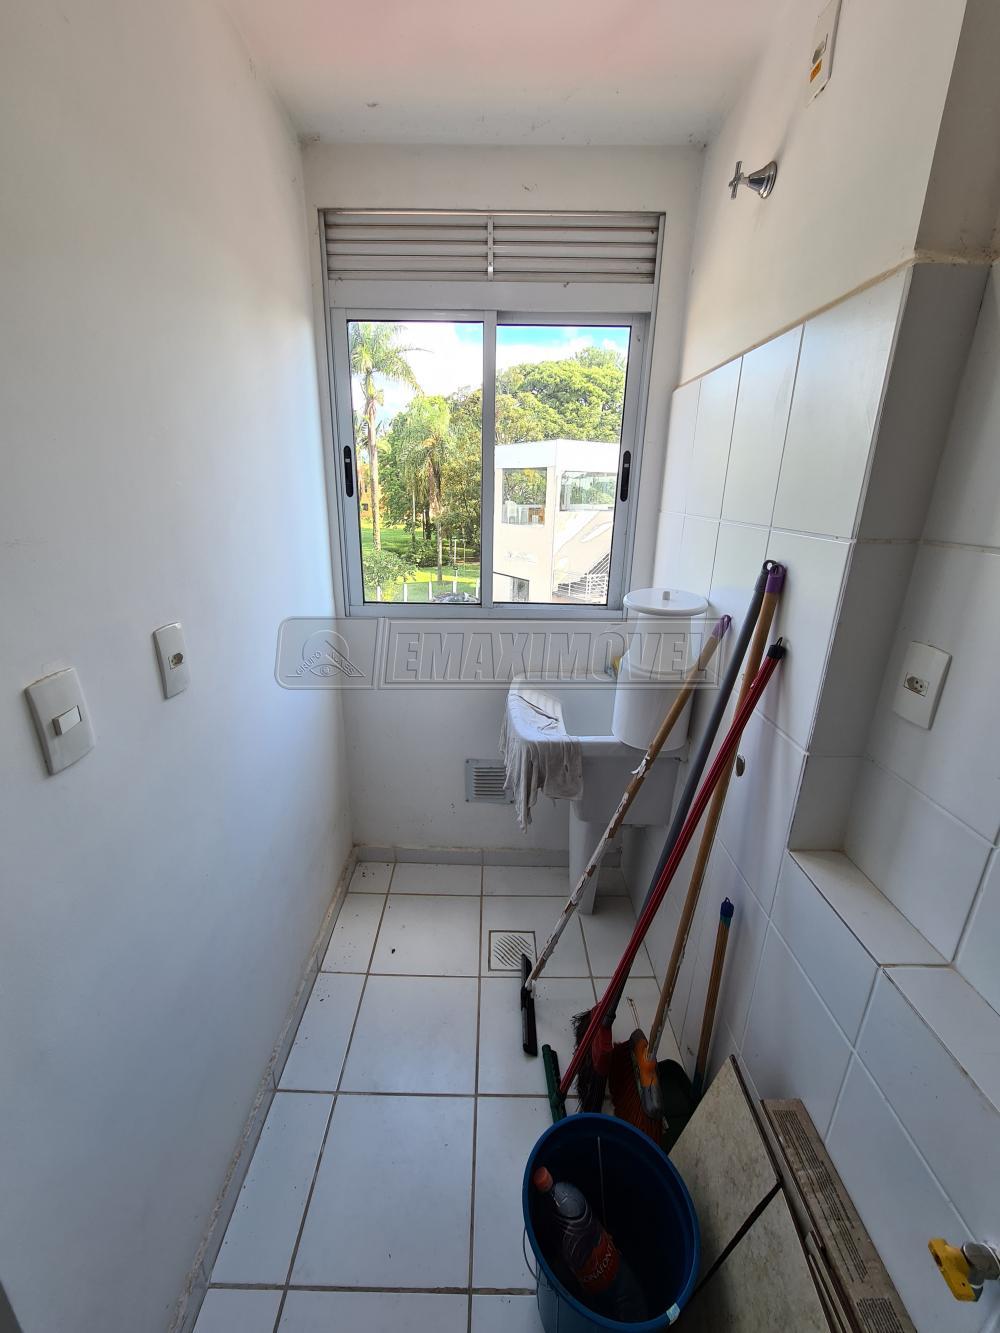 Alugar Apartamento / Padrão em Sorocaba R$ 750,00 - Foto 10